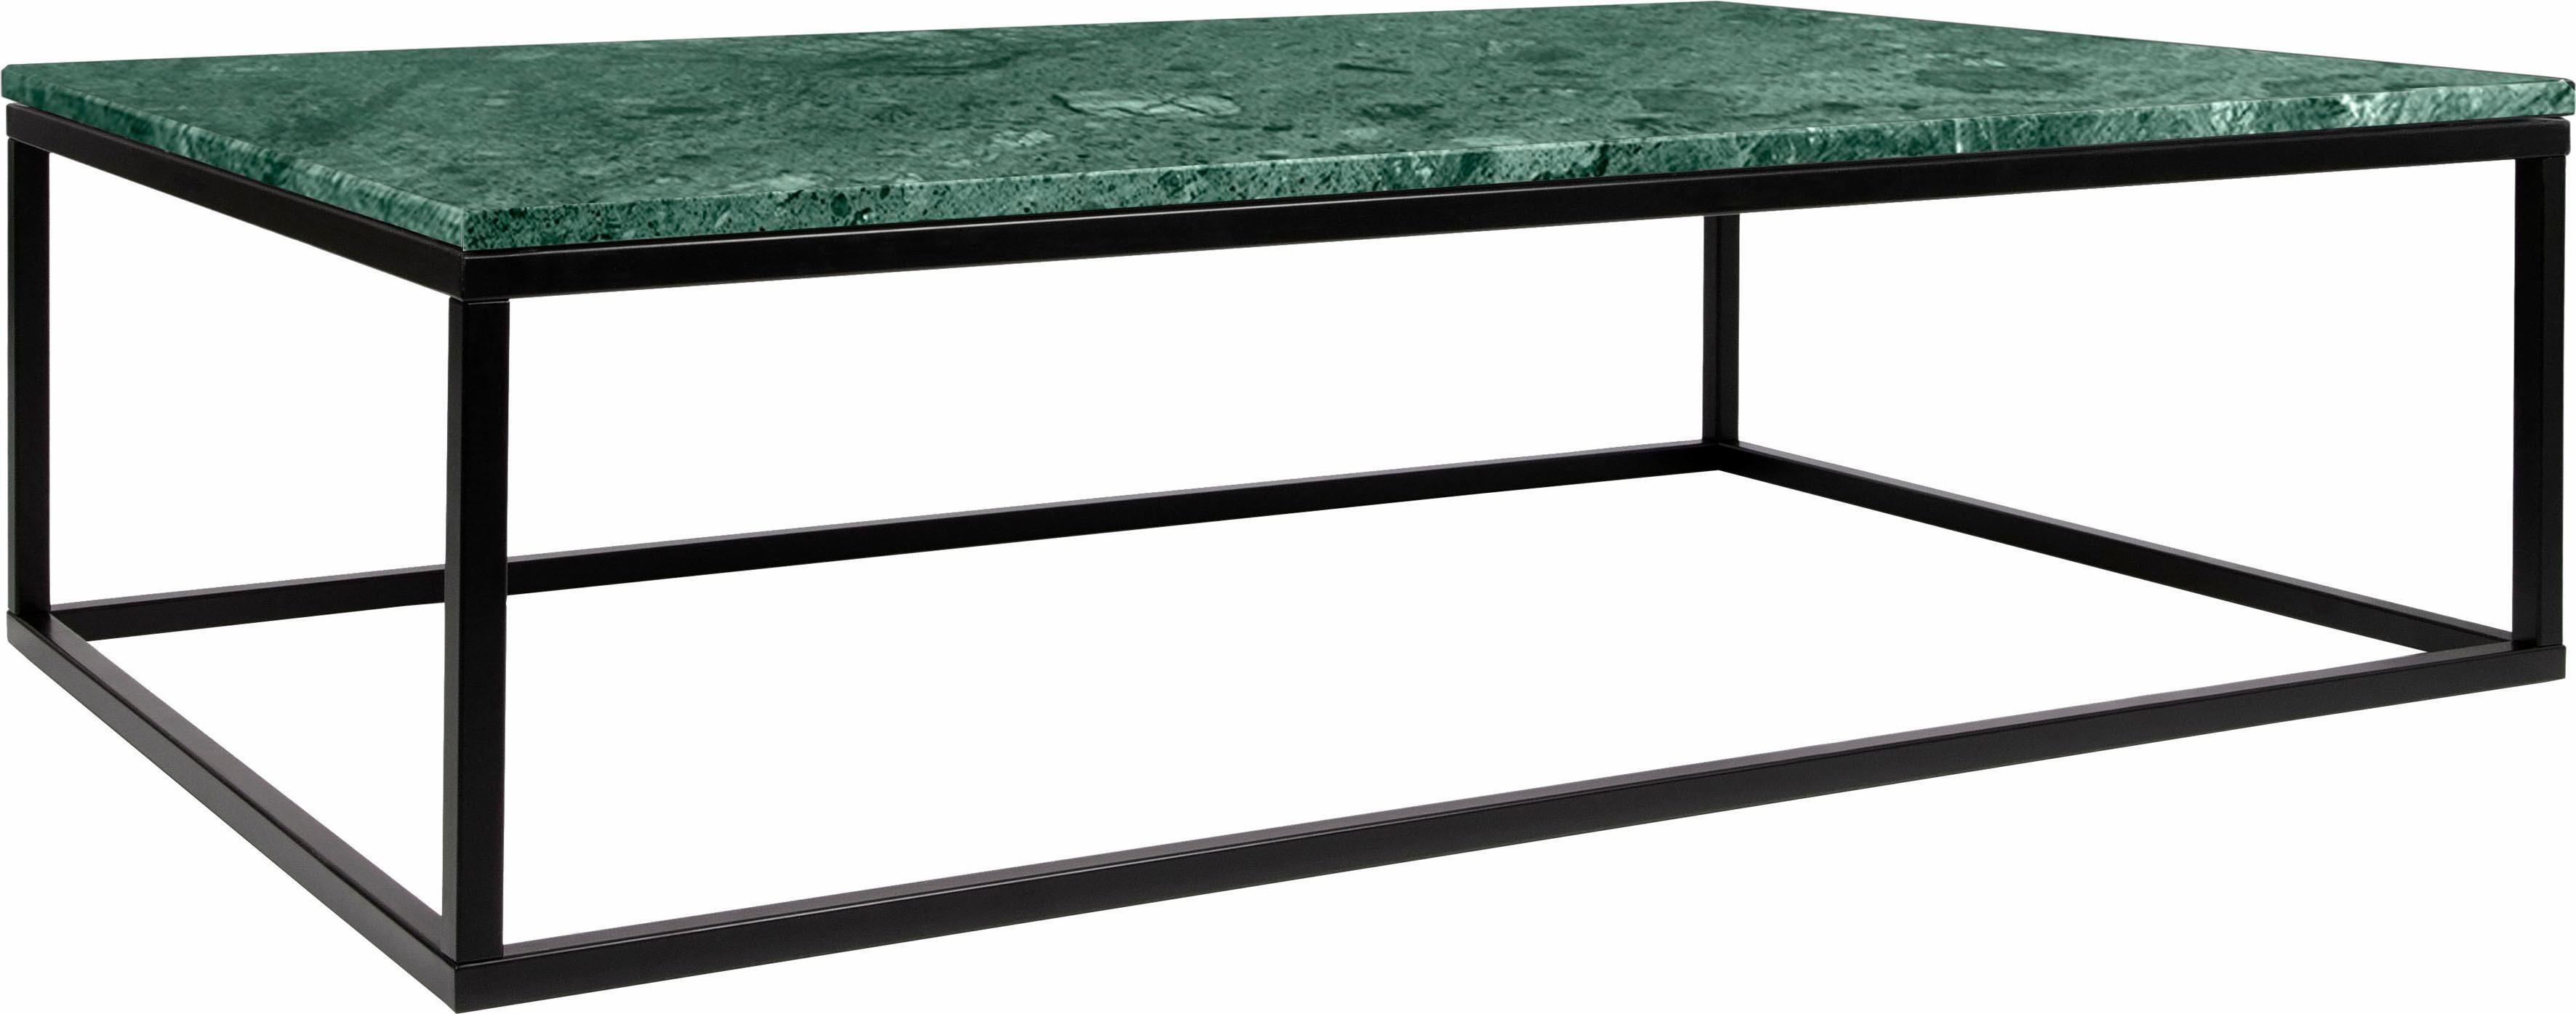 andas Couchtisch, Breite 120 cm | Wohnzimmer > Tische > Couchtische | Schwarz | Hölzer - Marmor | andas